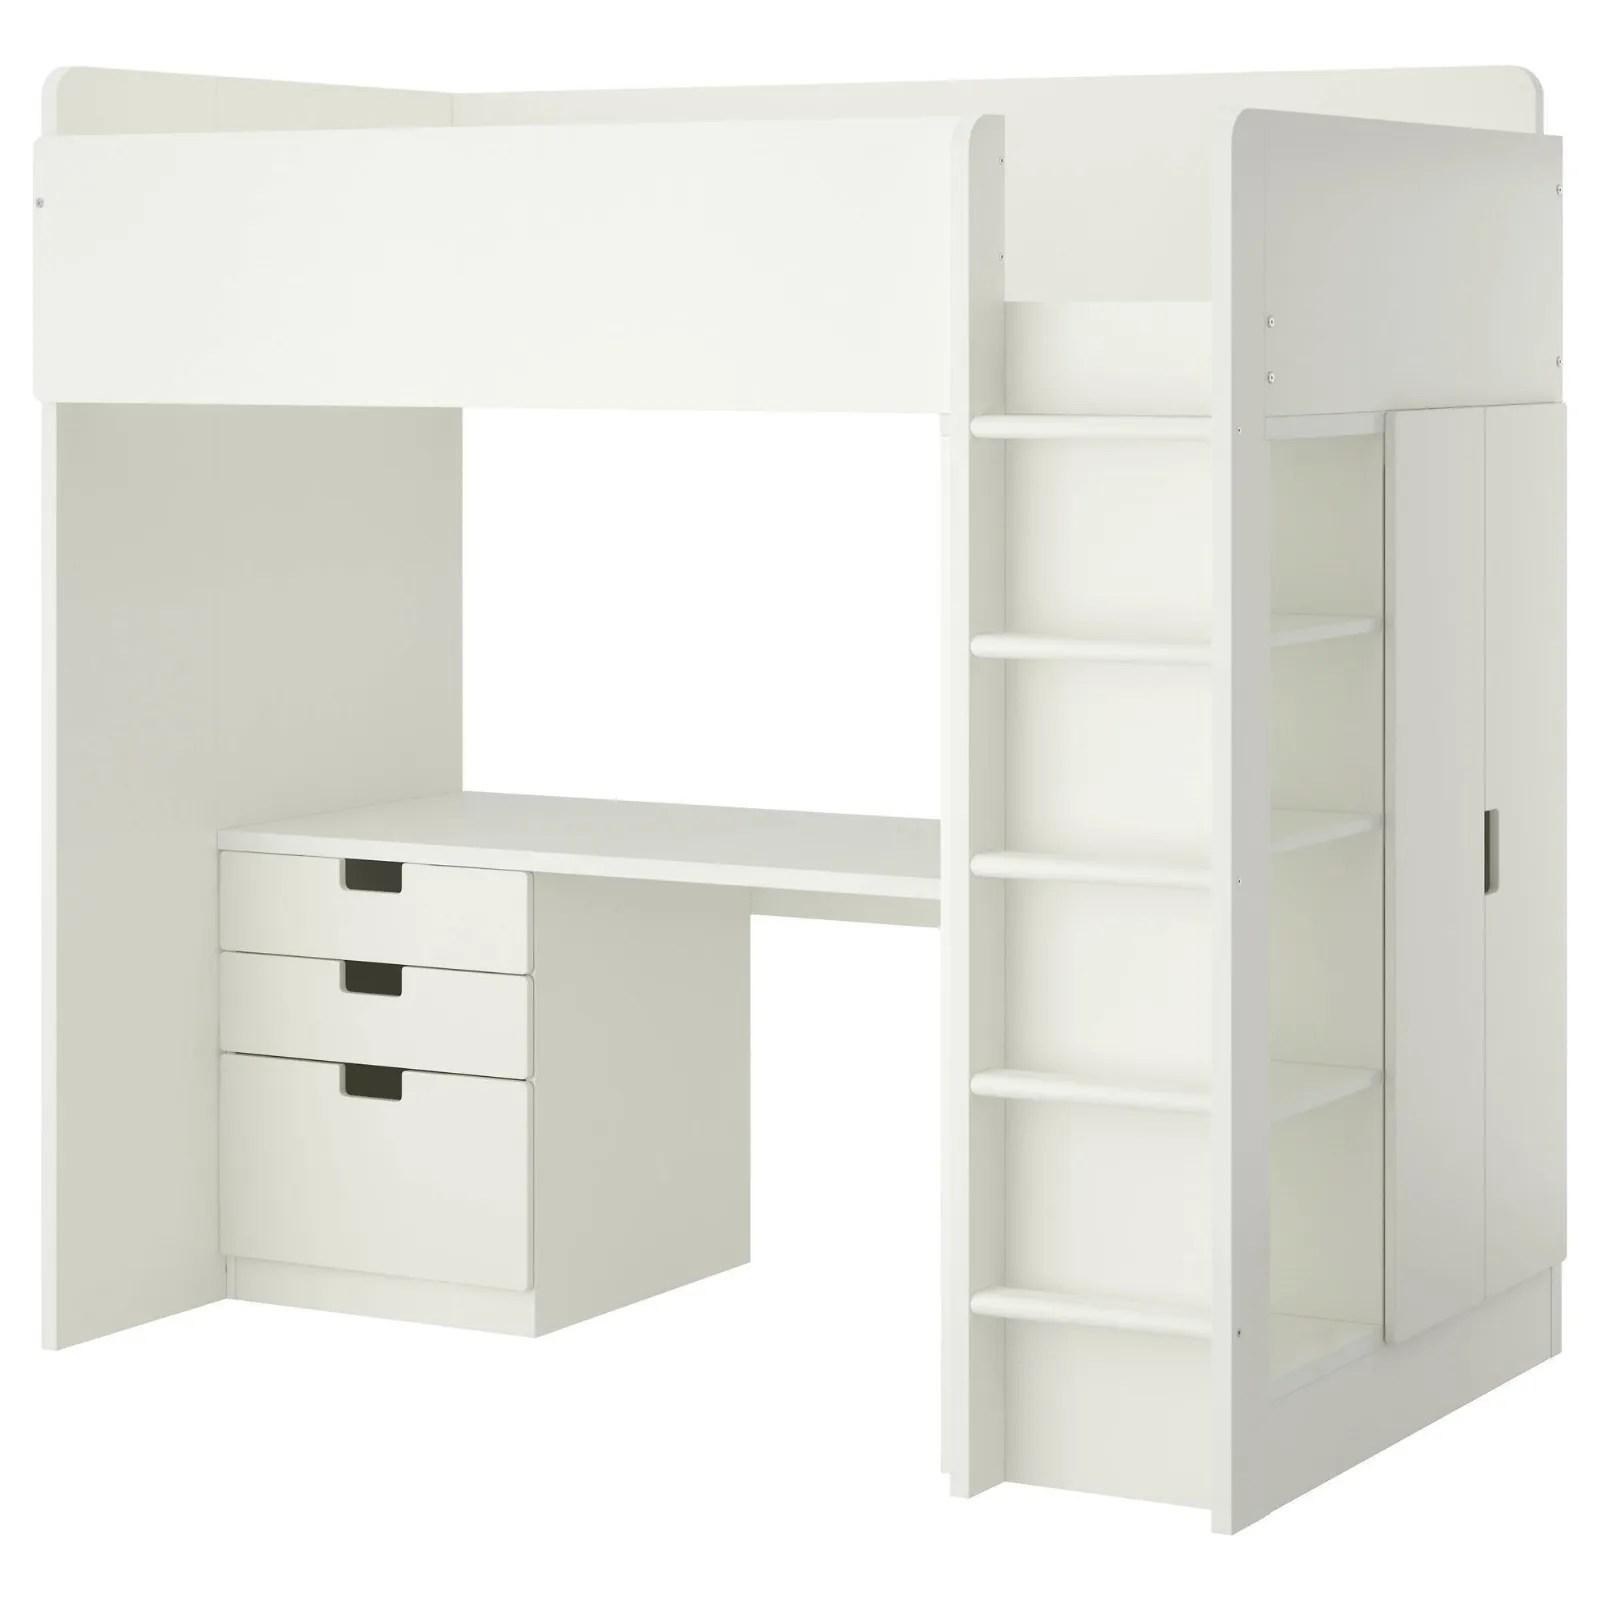 Ikea cancelletti per bambini letto allungabile per - Cancelletti ikea ...